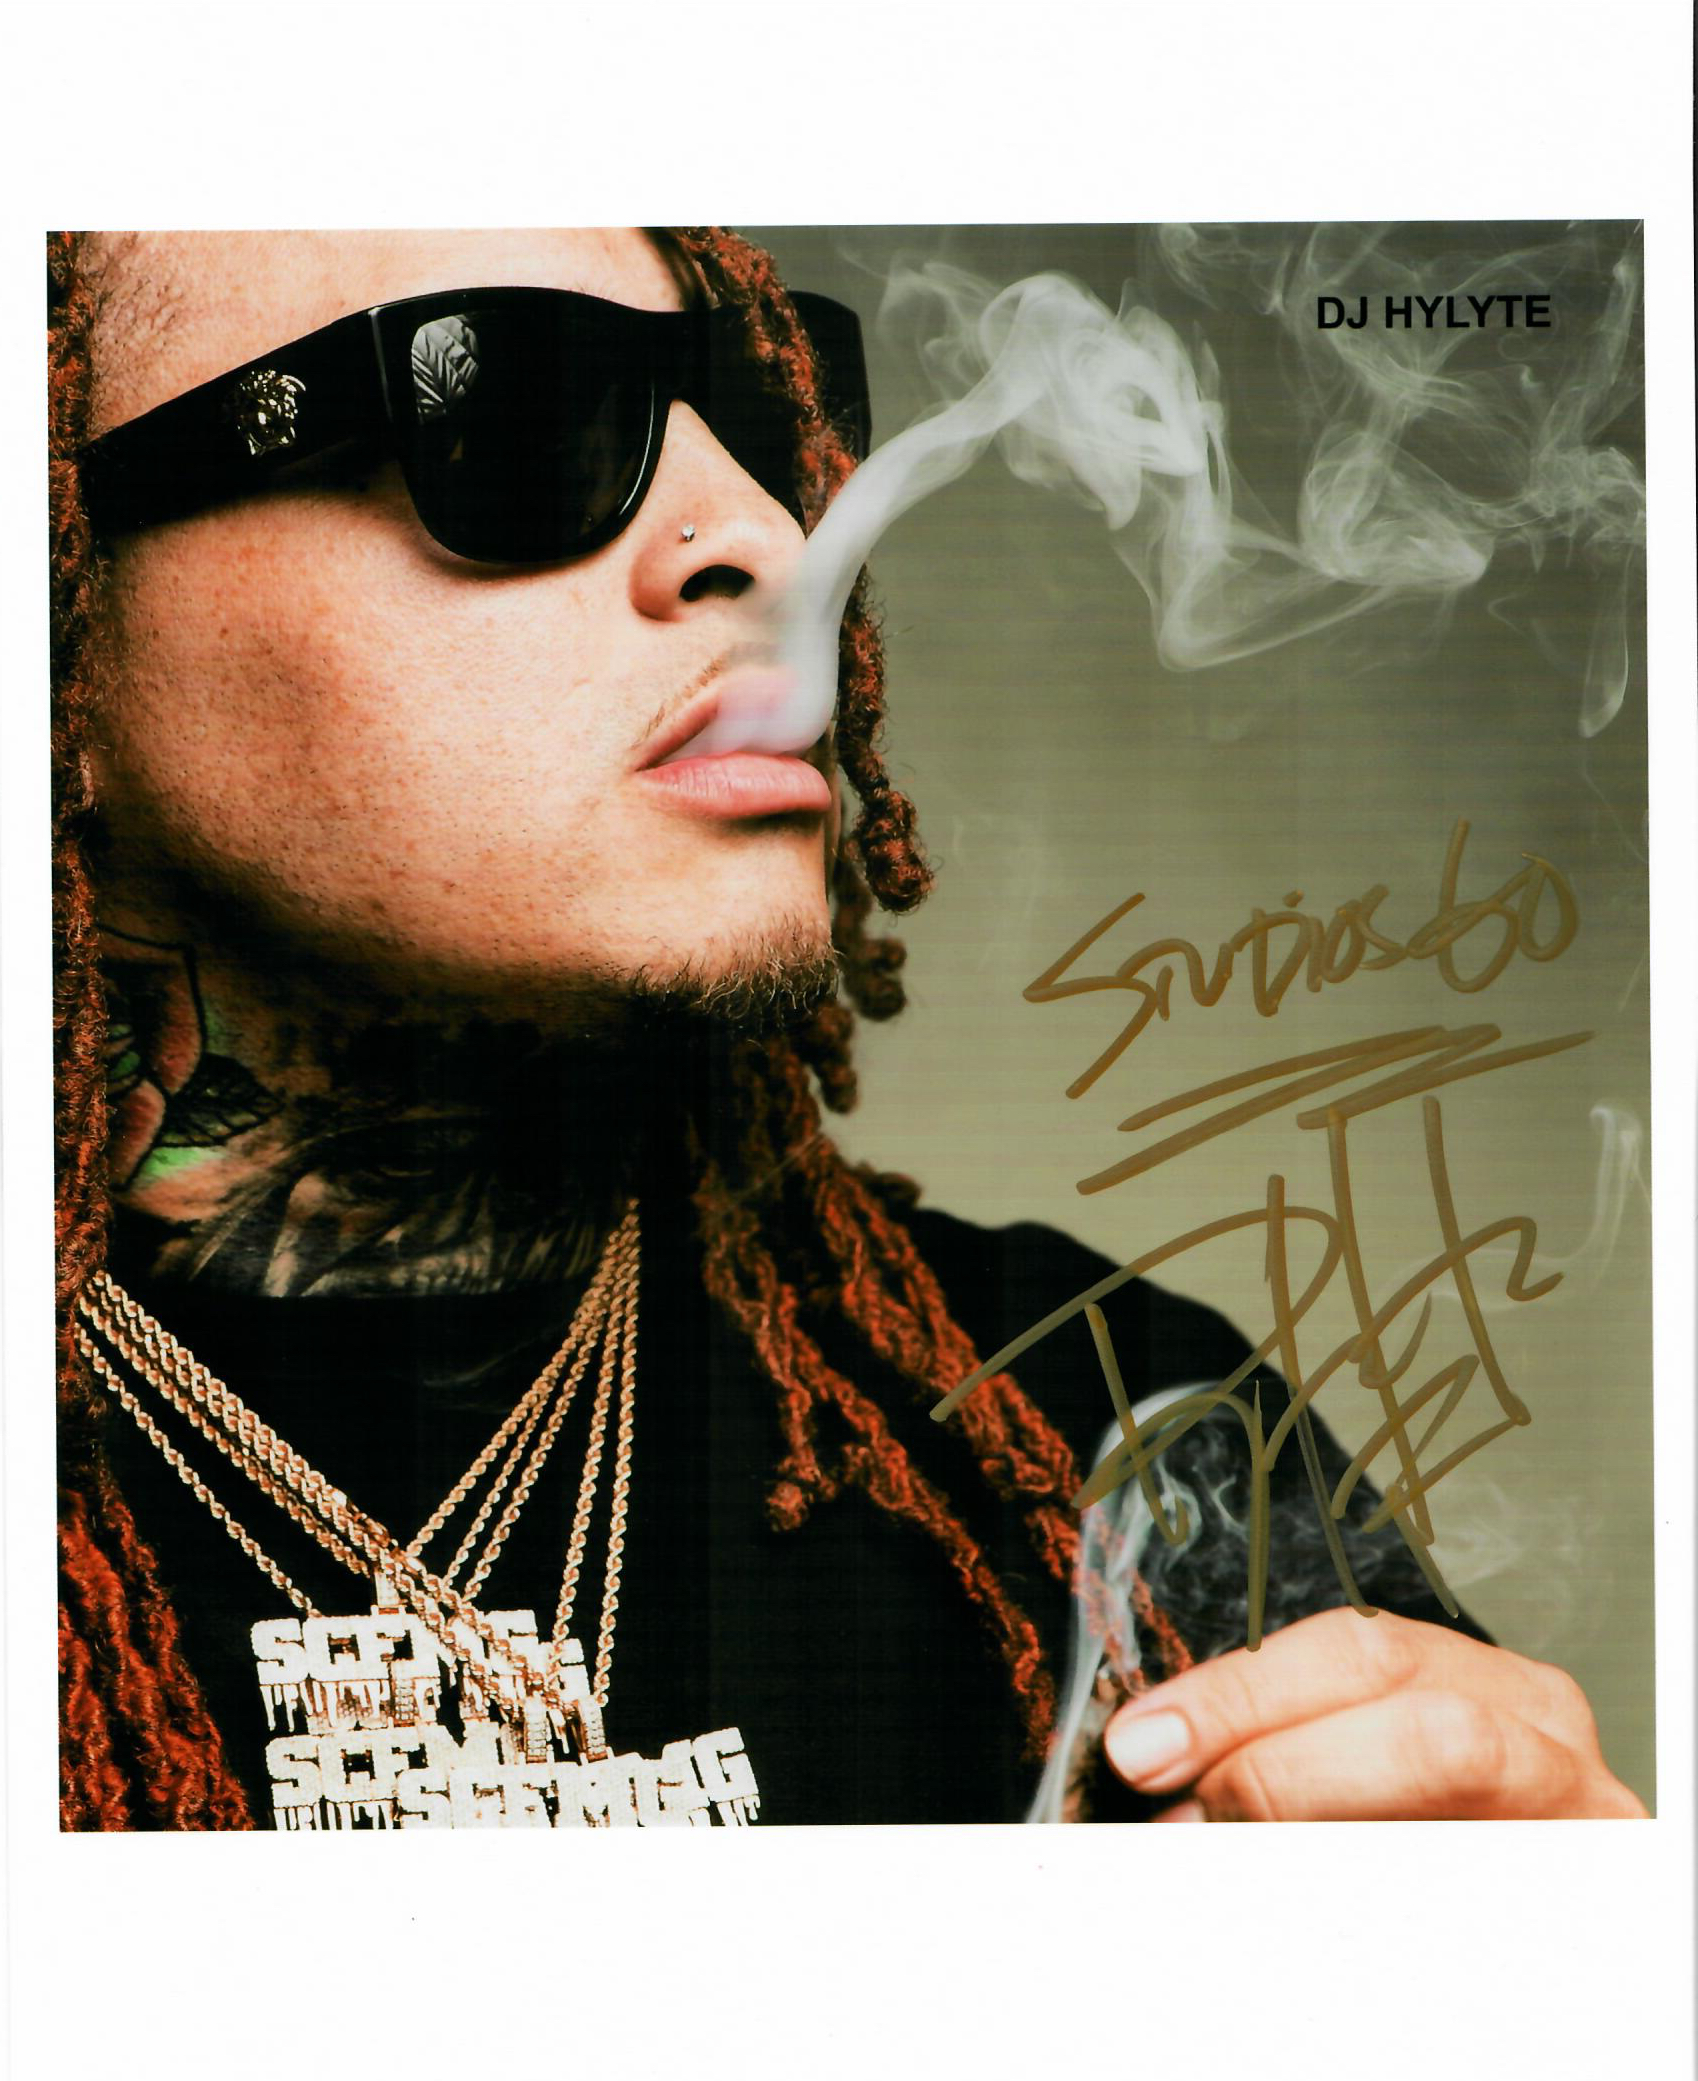 DJ HYLYTE